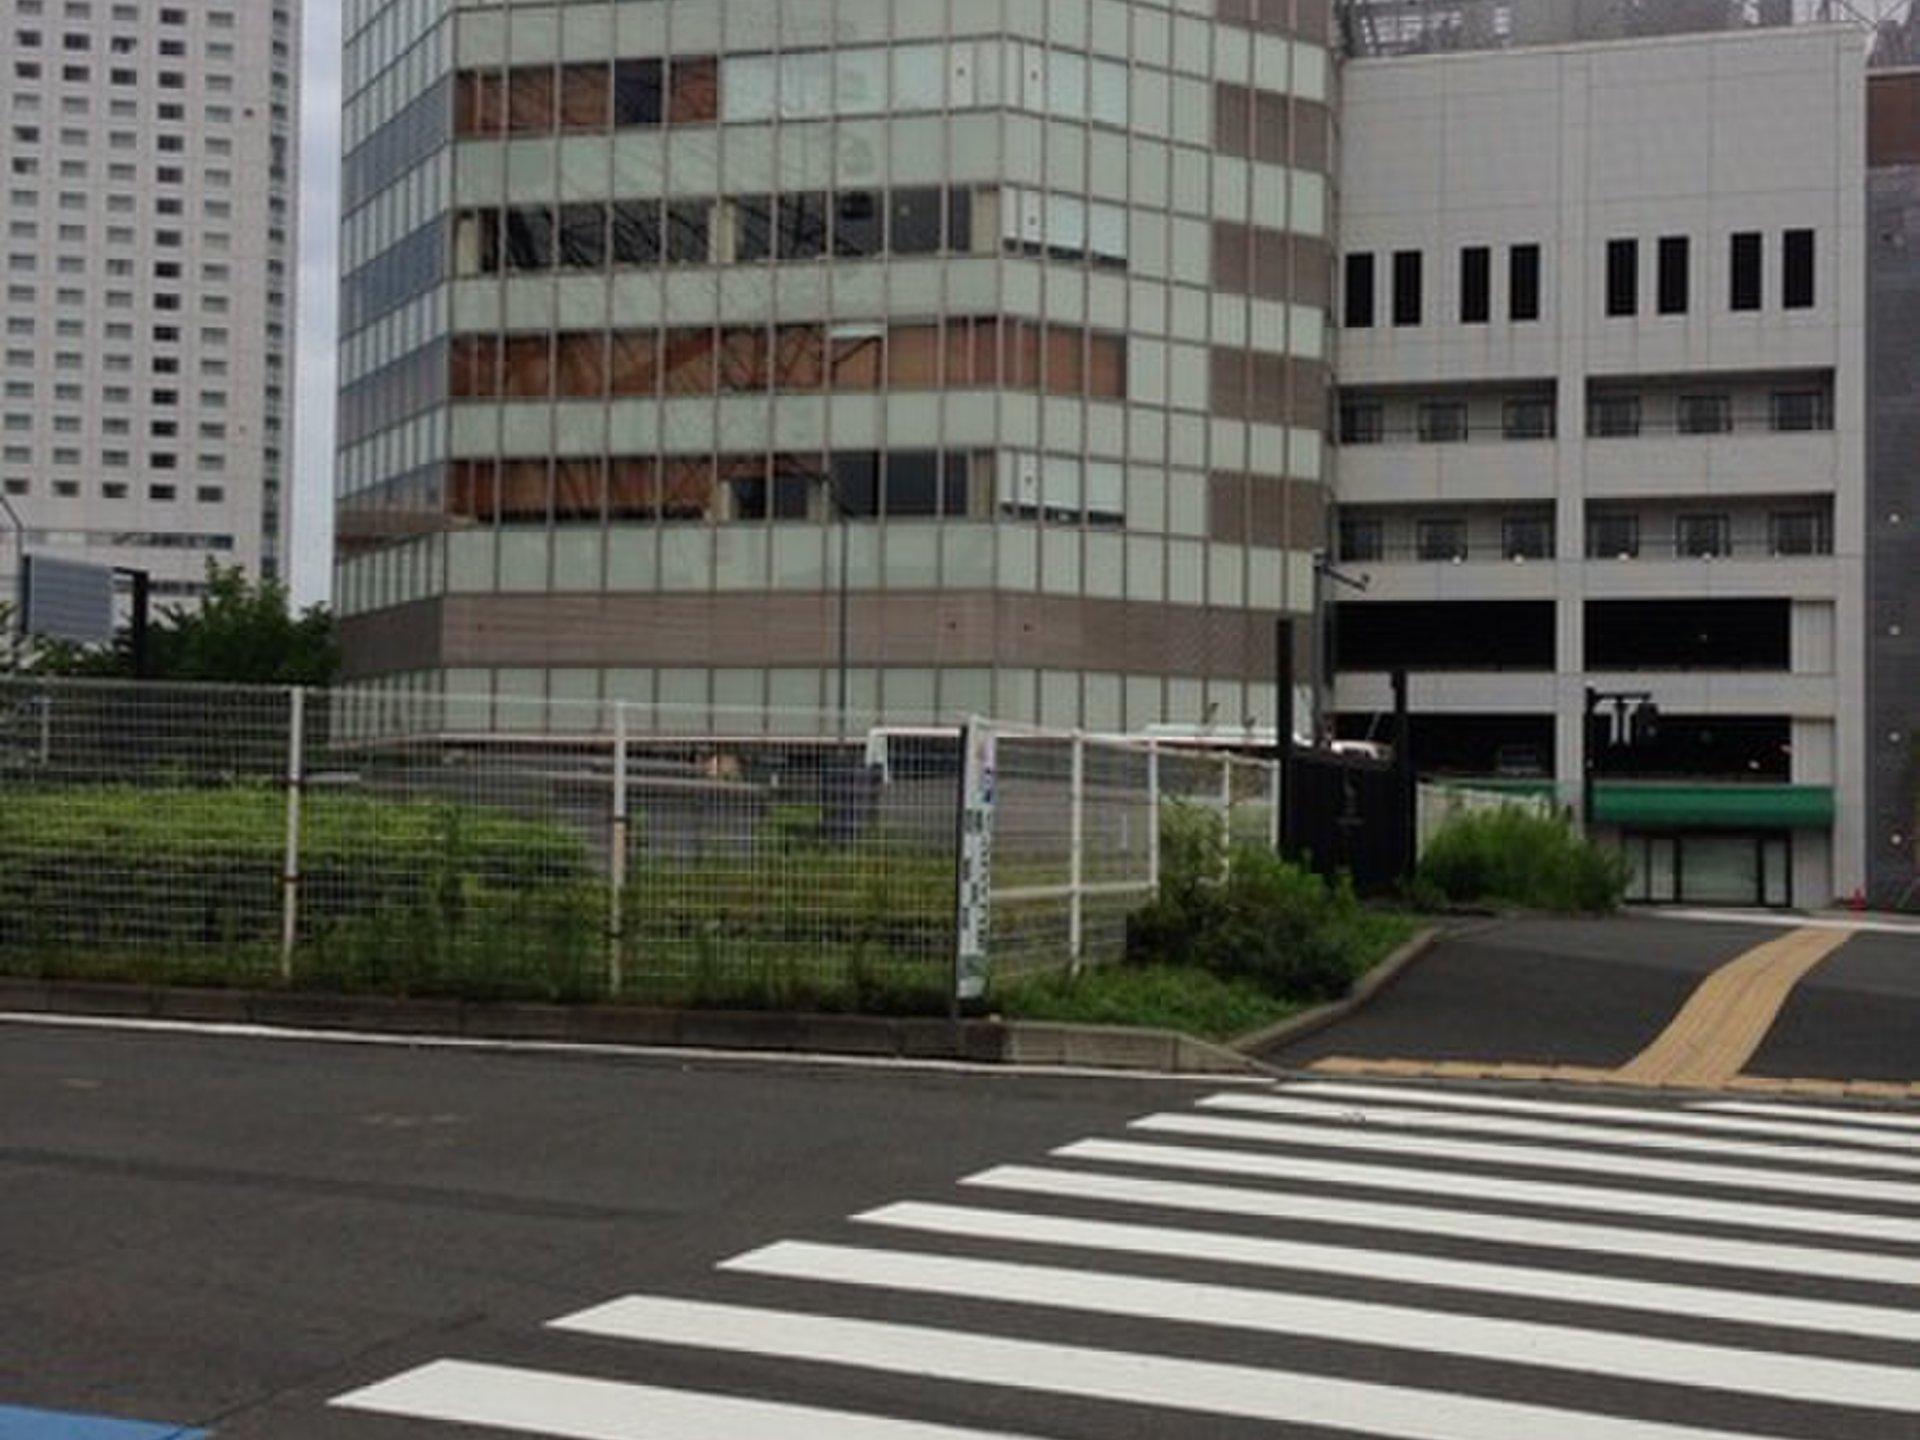 【横浜でおすすめの温泉と岩盤浴まとめ】スパでデートにおすすめの温泉施設!